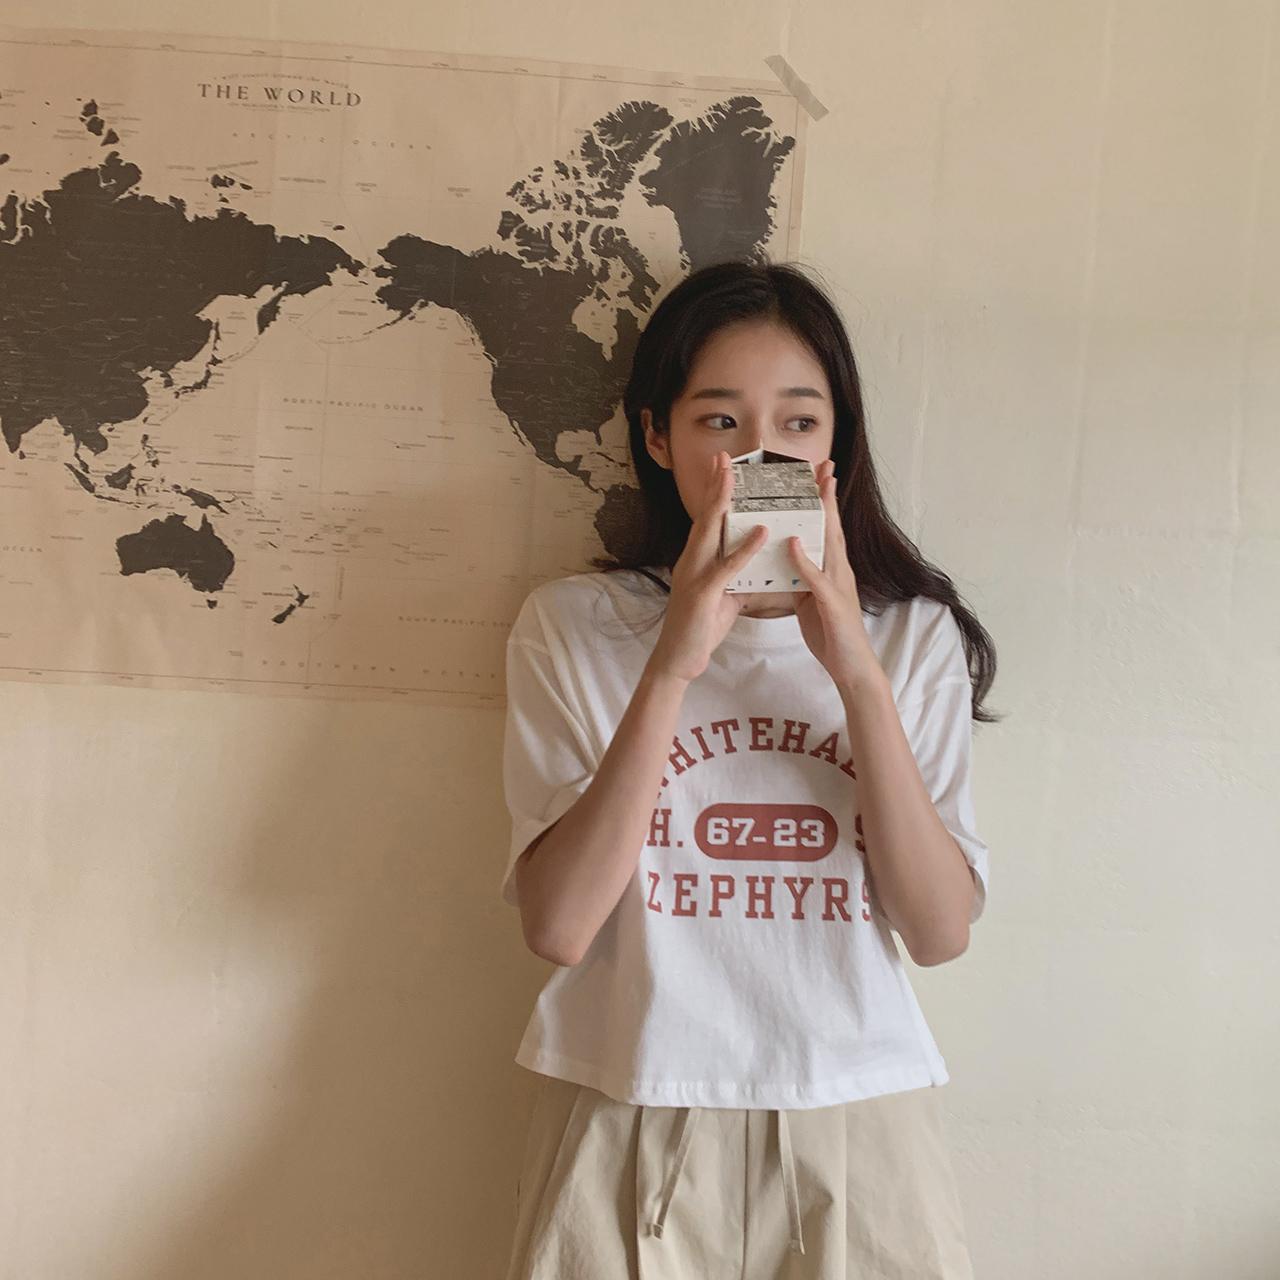 Abelo cropped T-shirt